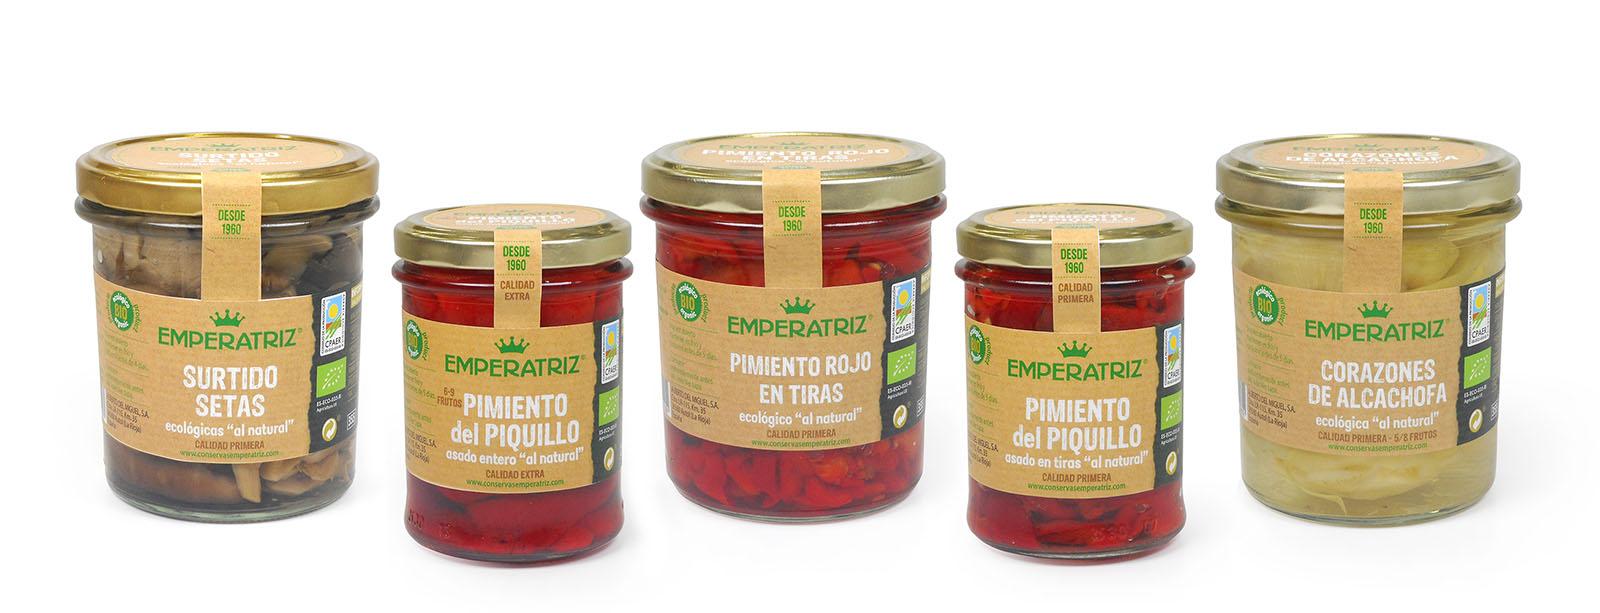 Gama productos ecológicos con nueva etiqueta